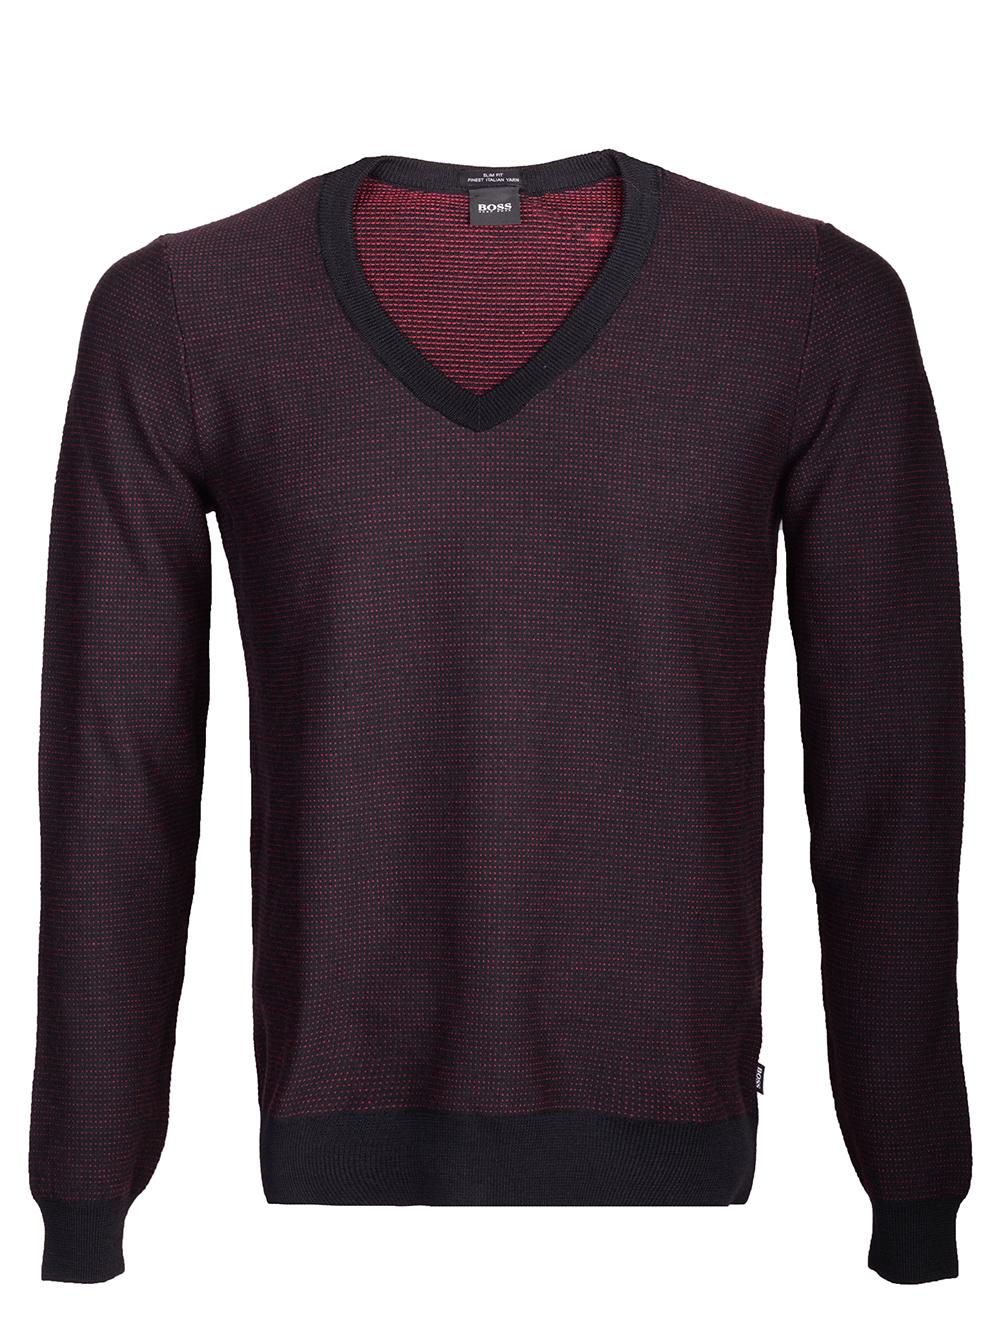 BOSS Μπλούζα πουλόβερ 50415789-001 ΜΑΥΡΟ